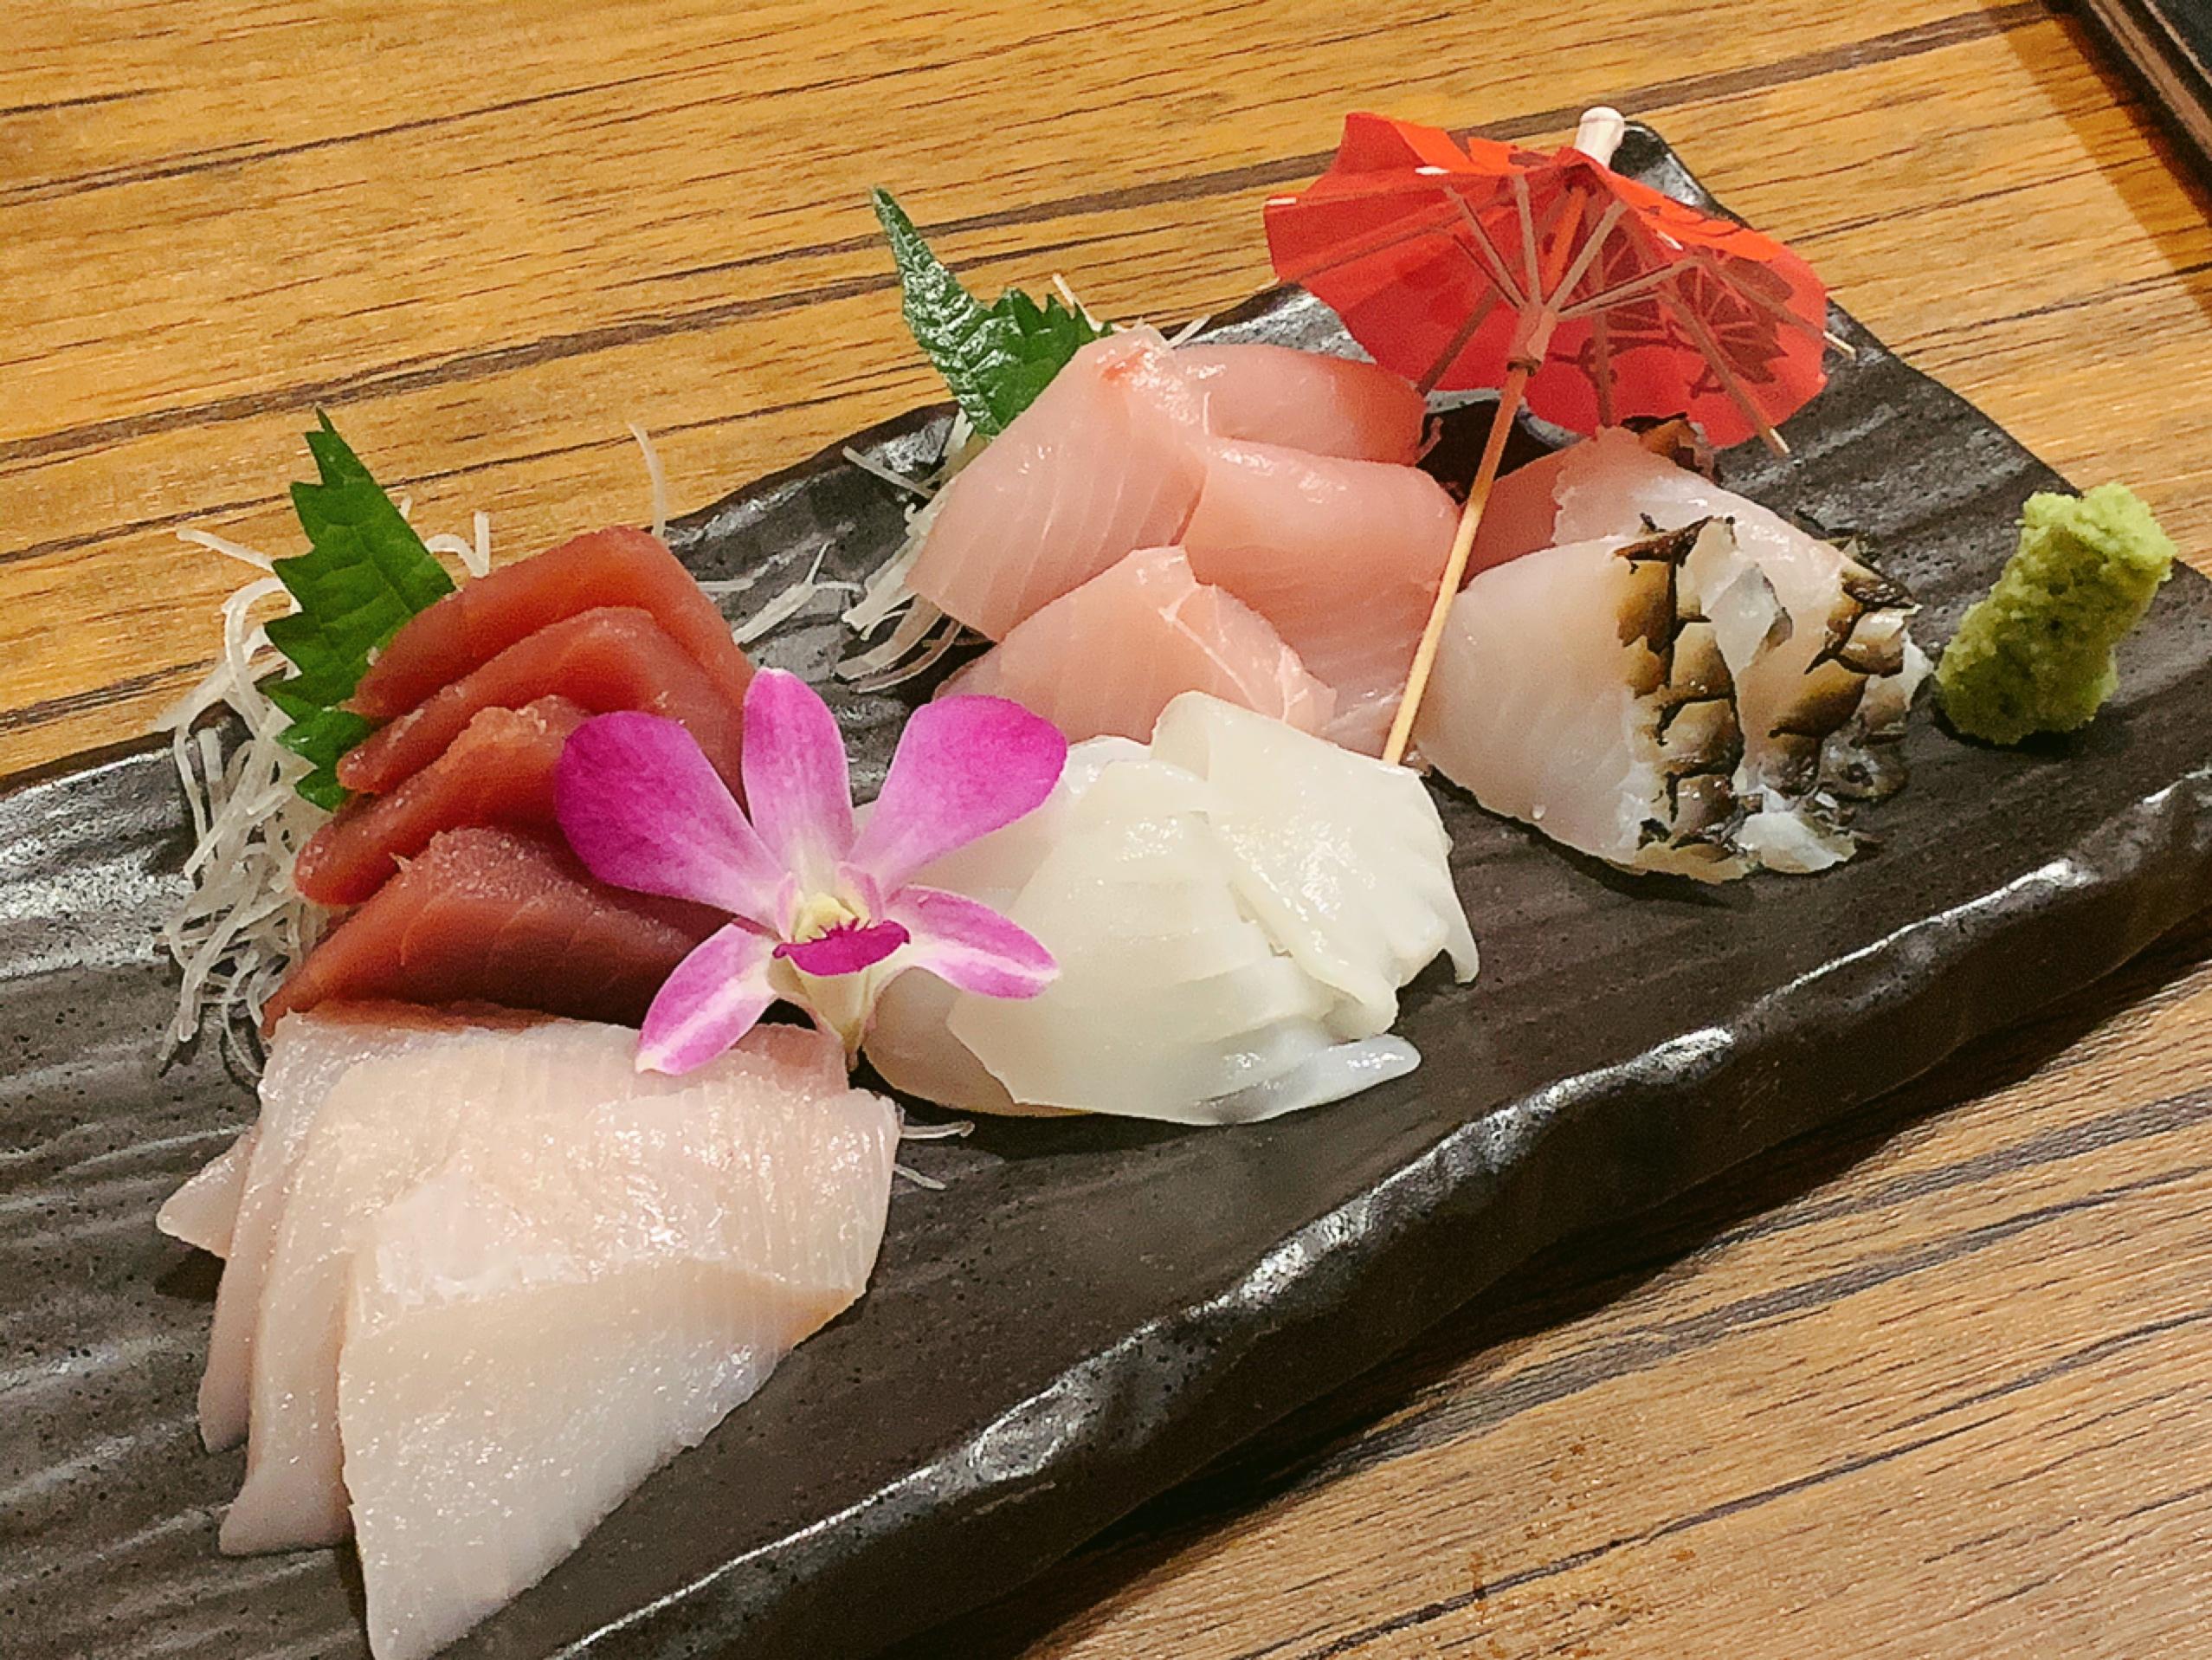 新鮮な沖縄県産本マグロ、カジキ✨✨近海魚の刺身、ホタテや雲丹、イクラも、お得な価格で提供する✨✨